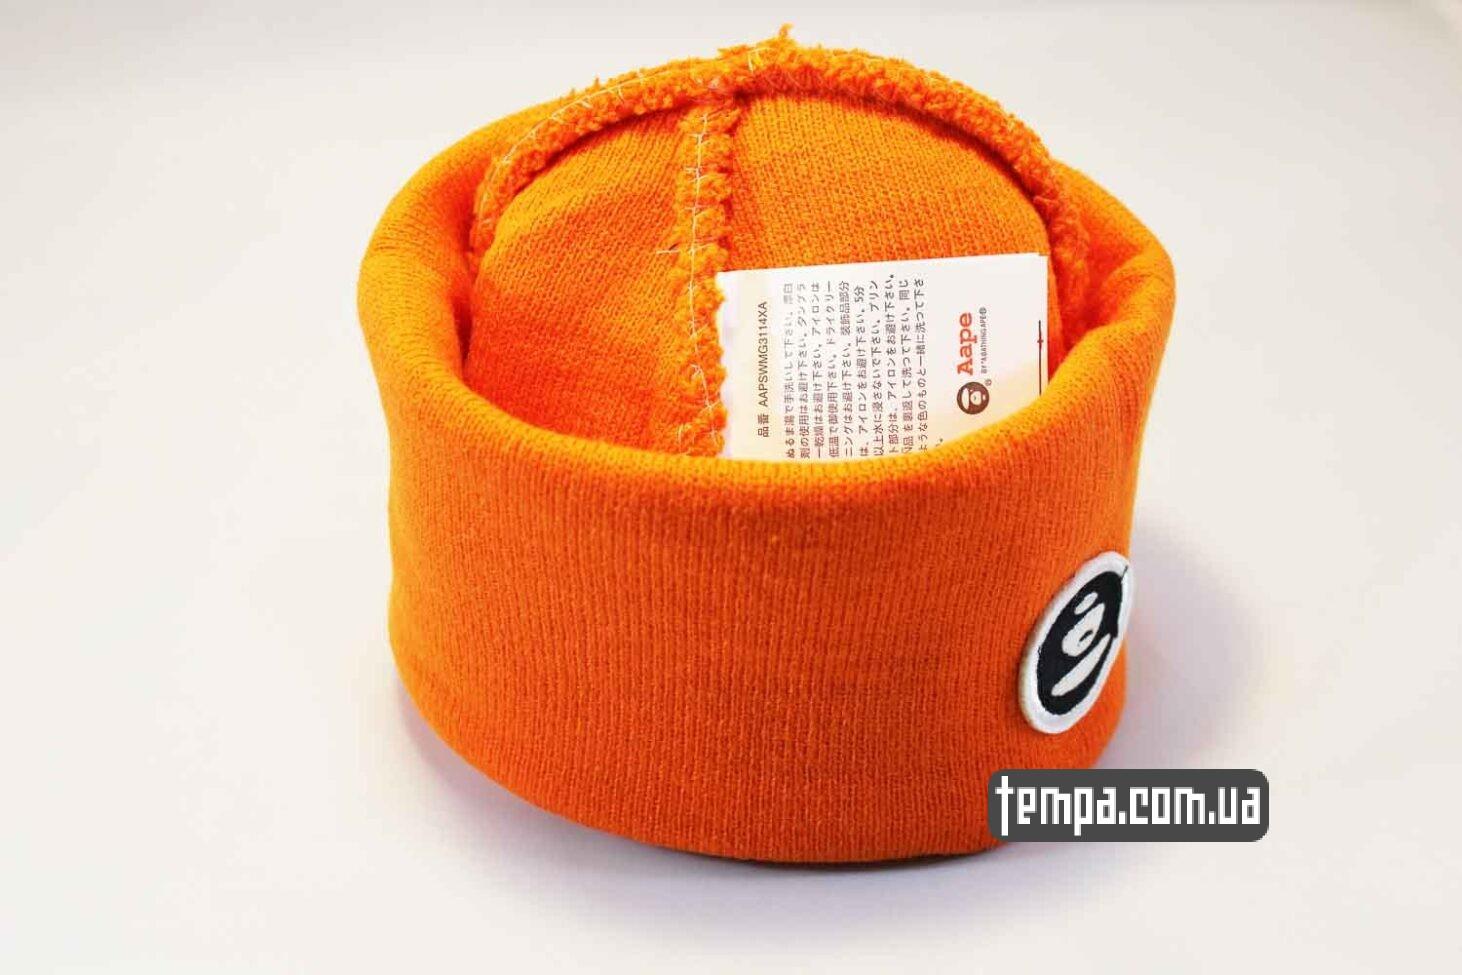 теплая зимняя шапка beanie Aape оранжевая яркая купить Украина